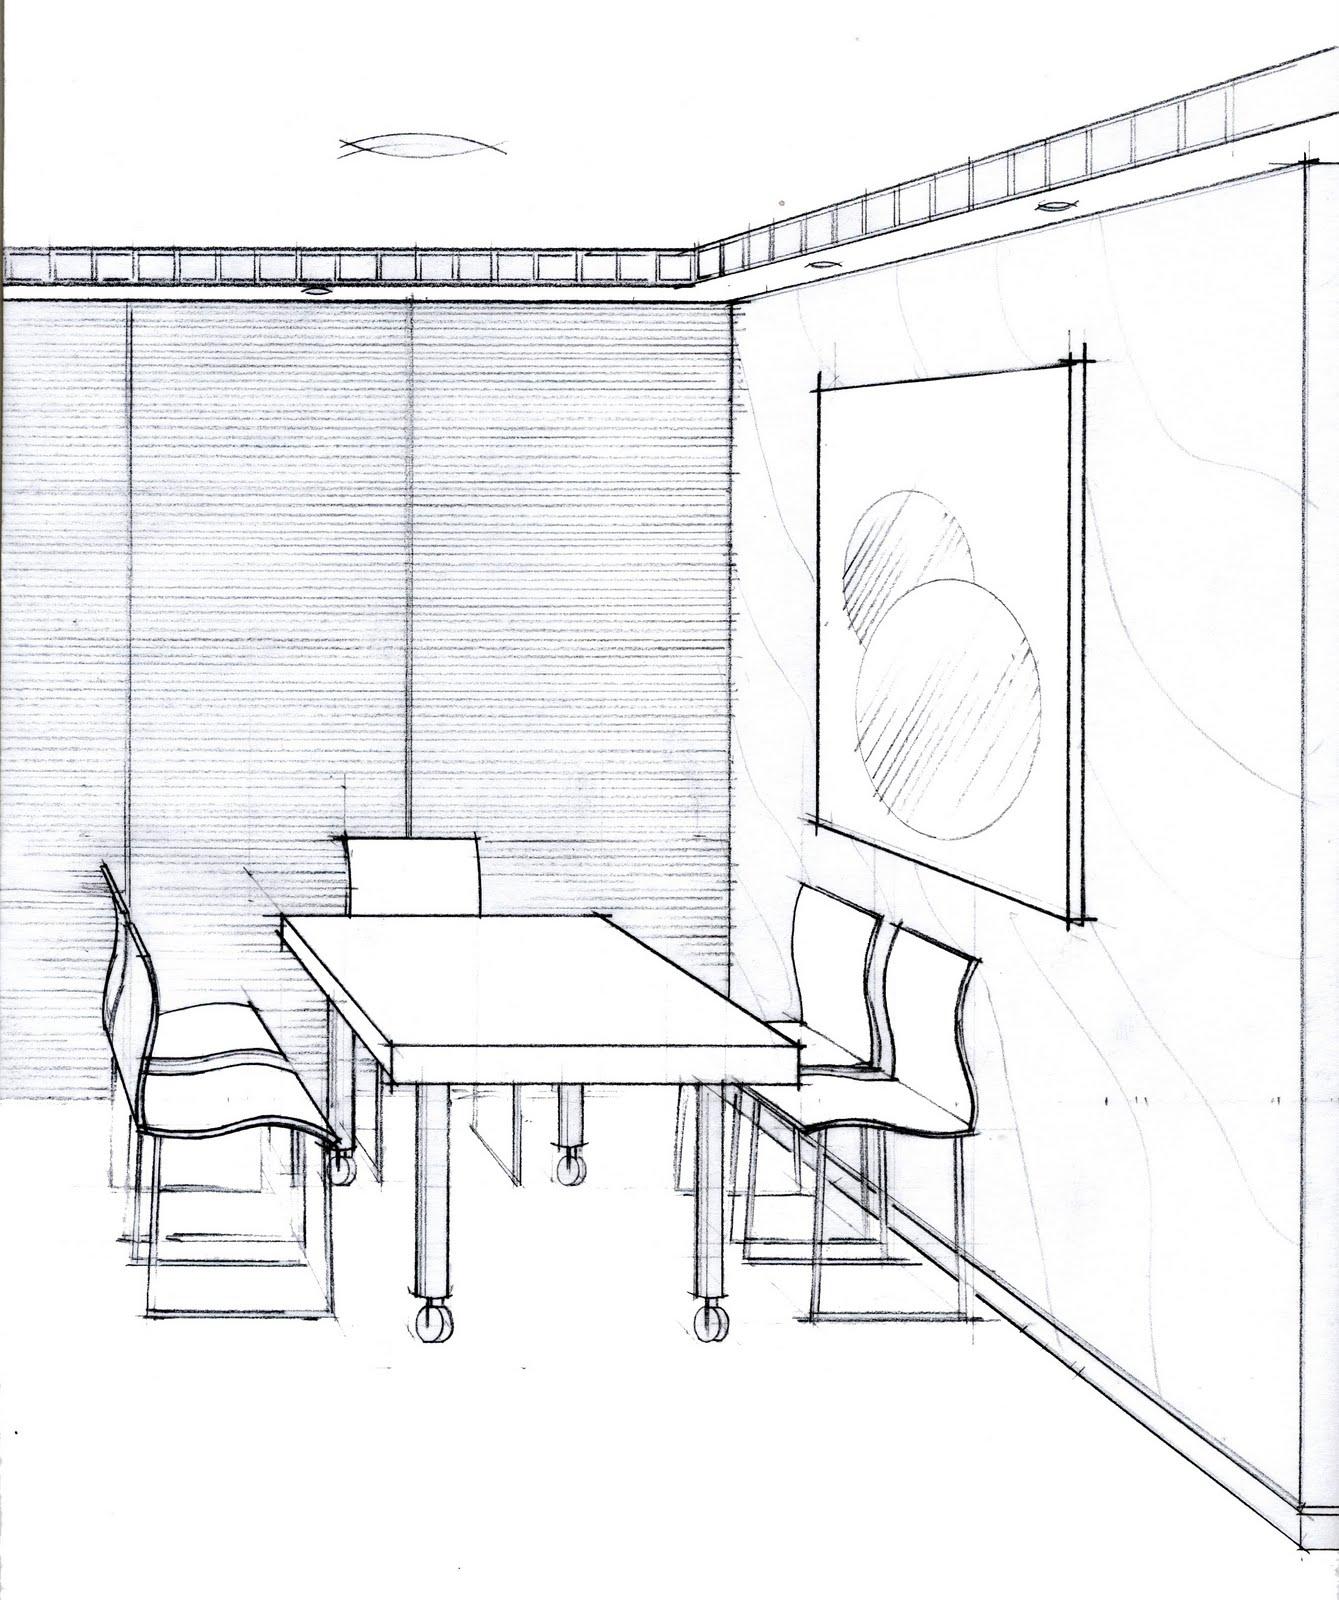 idéia da mesa para reuniões com clientes execução da mesa #60606B 1339x1600